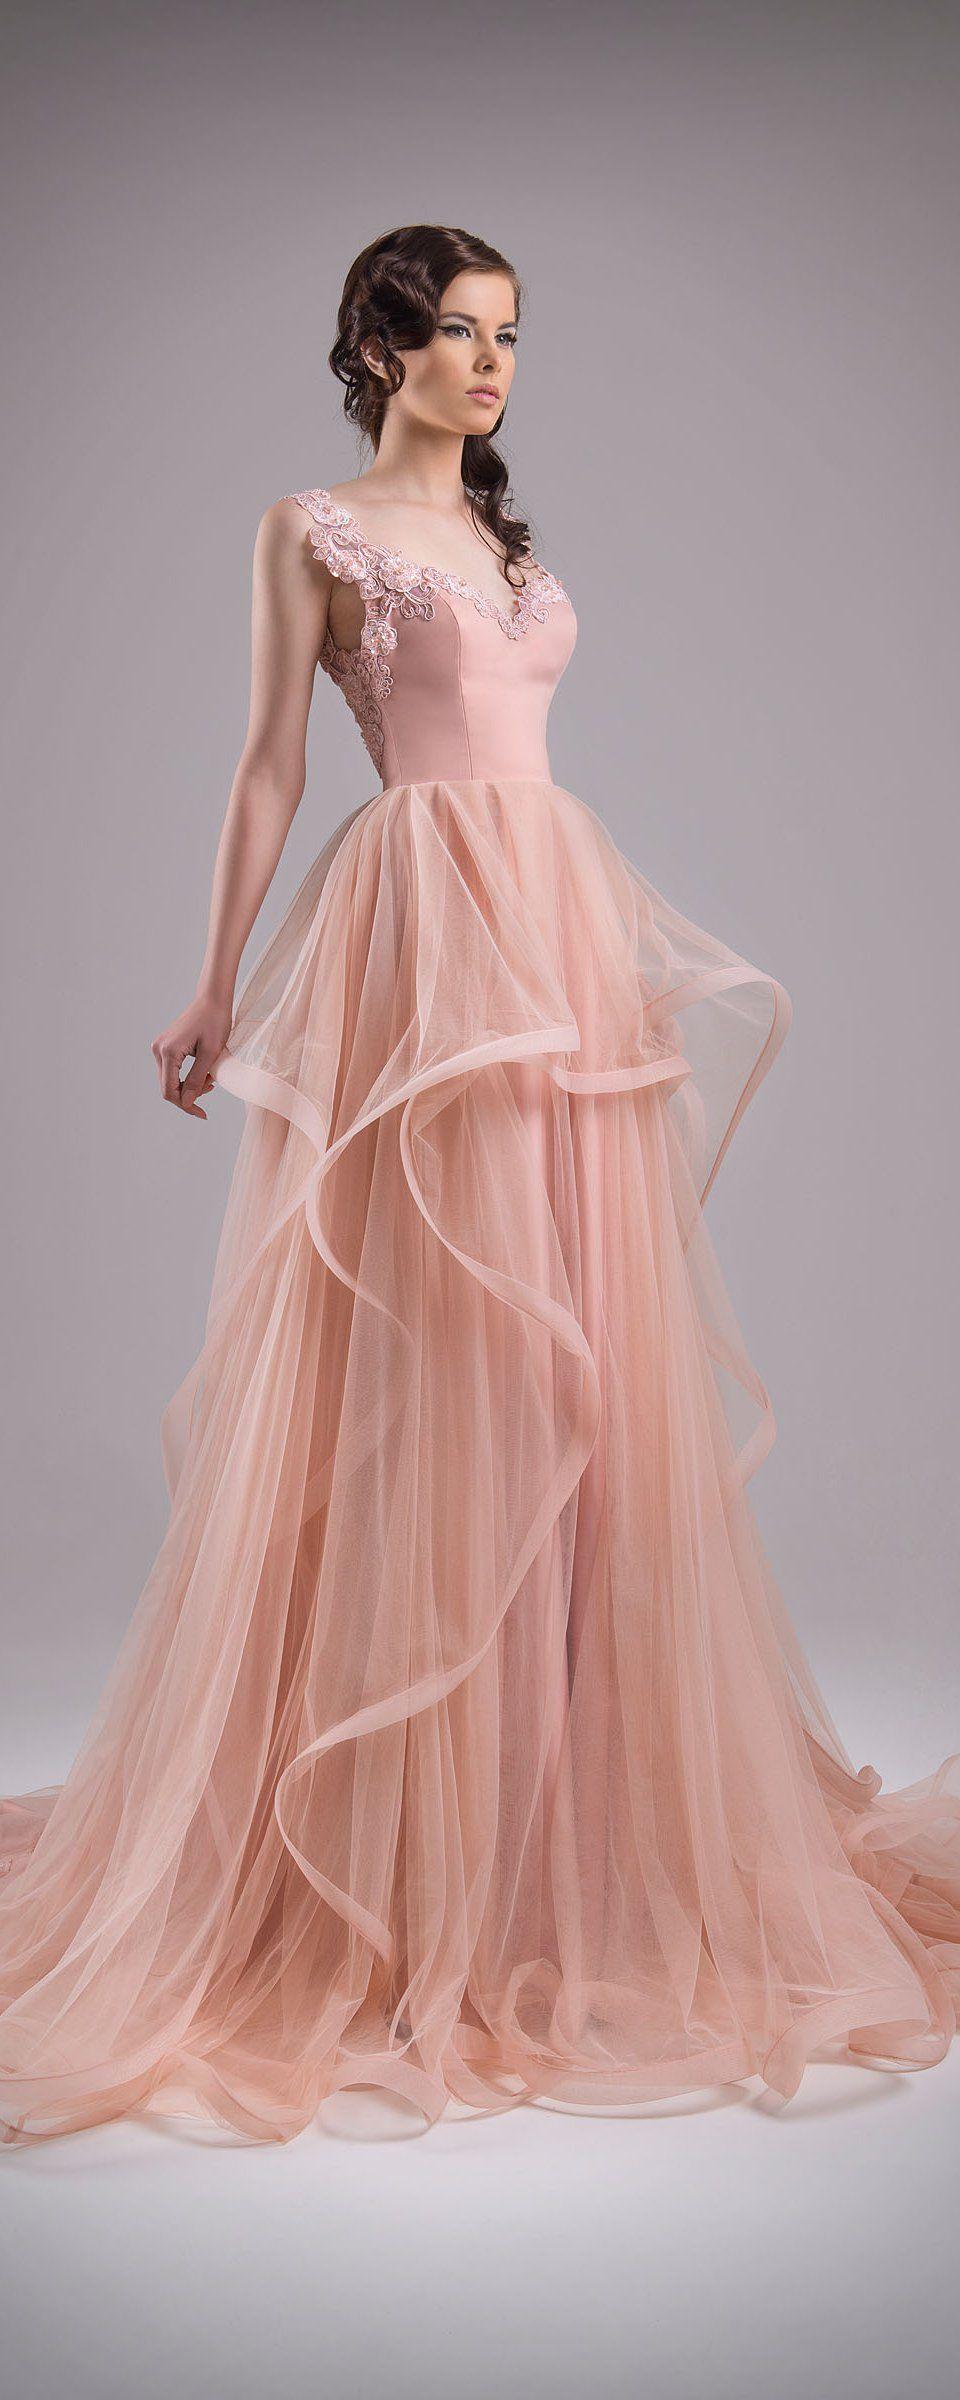 Chrystelle Atallah Printemps-été 2015 - Haute couture | Vestiditos